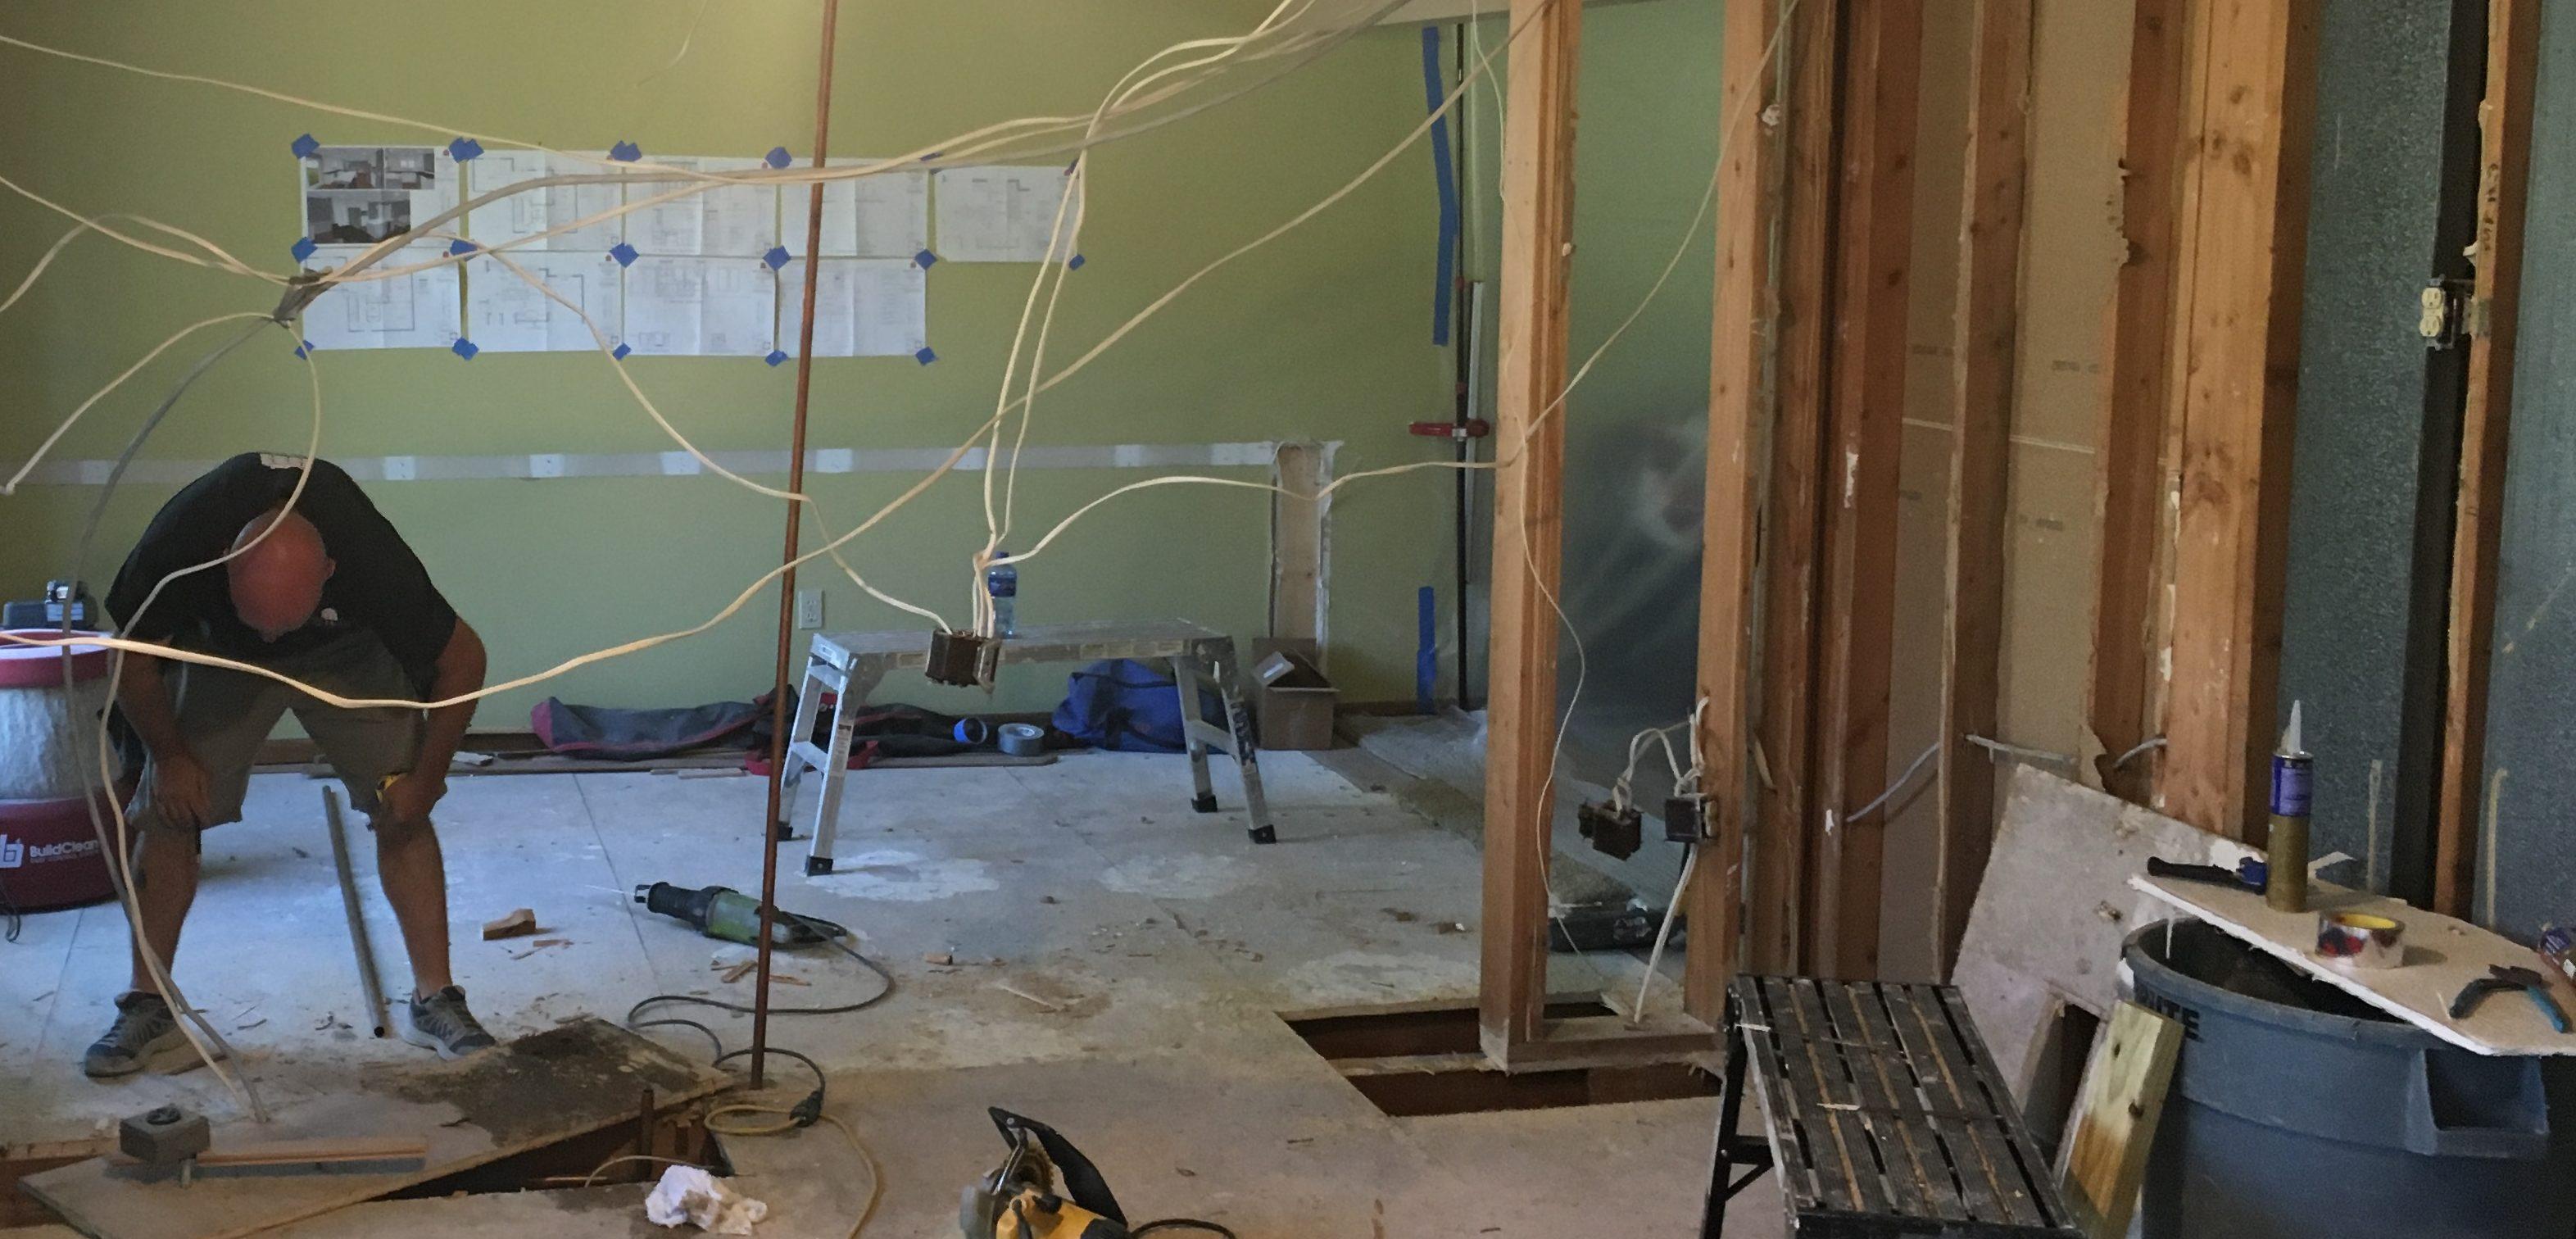 House remodeling blog